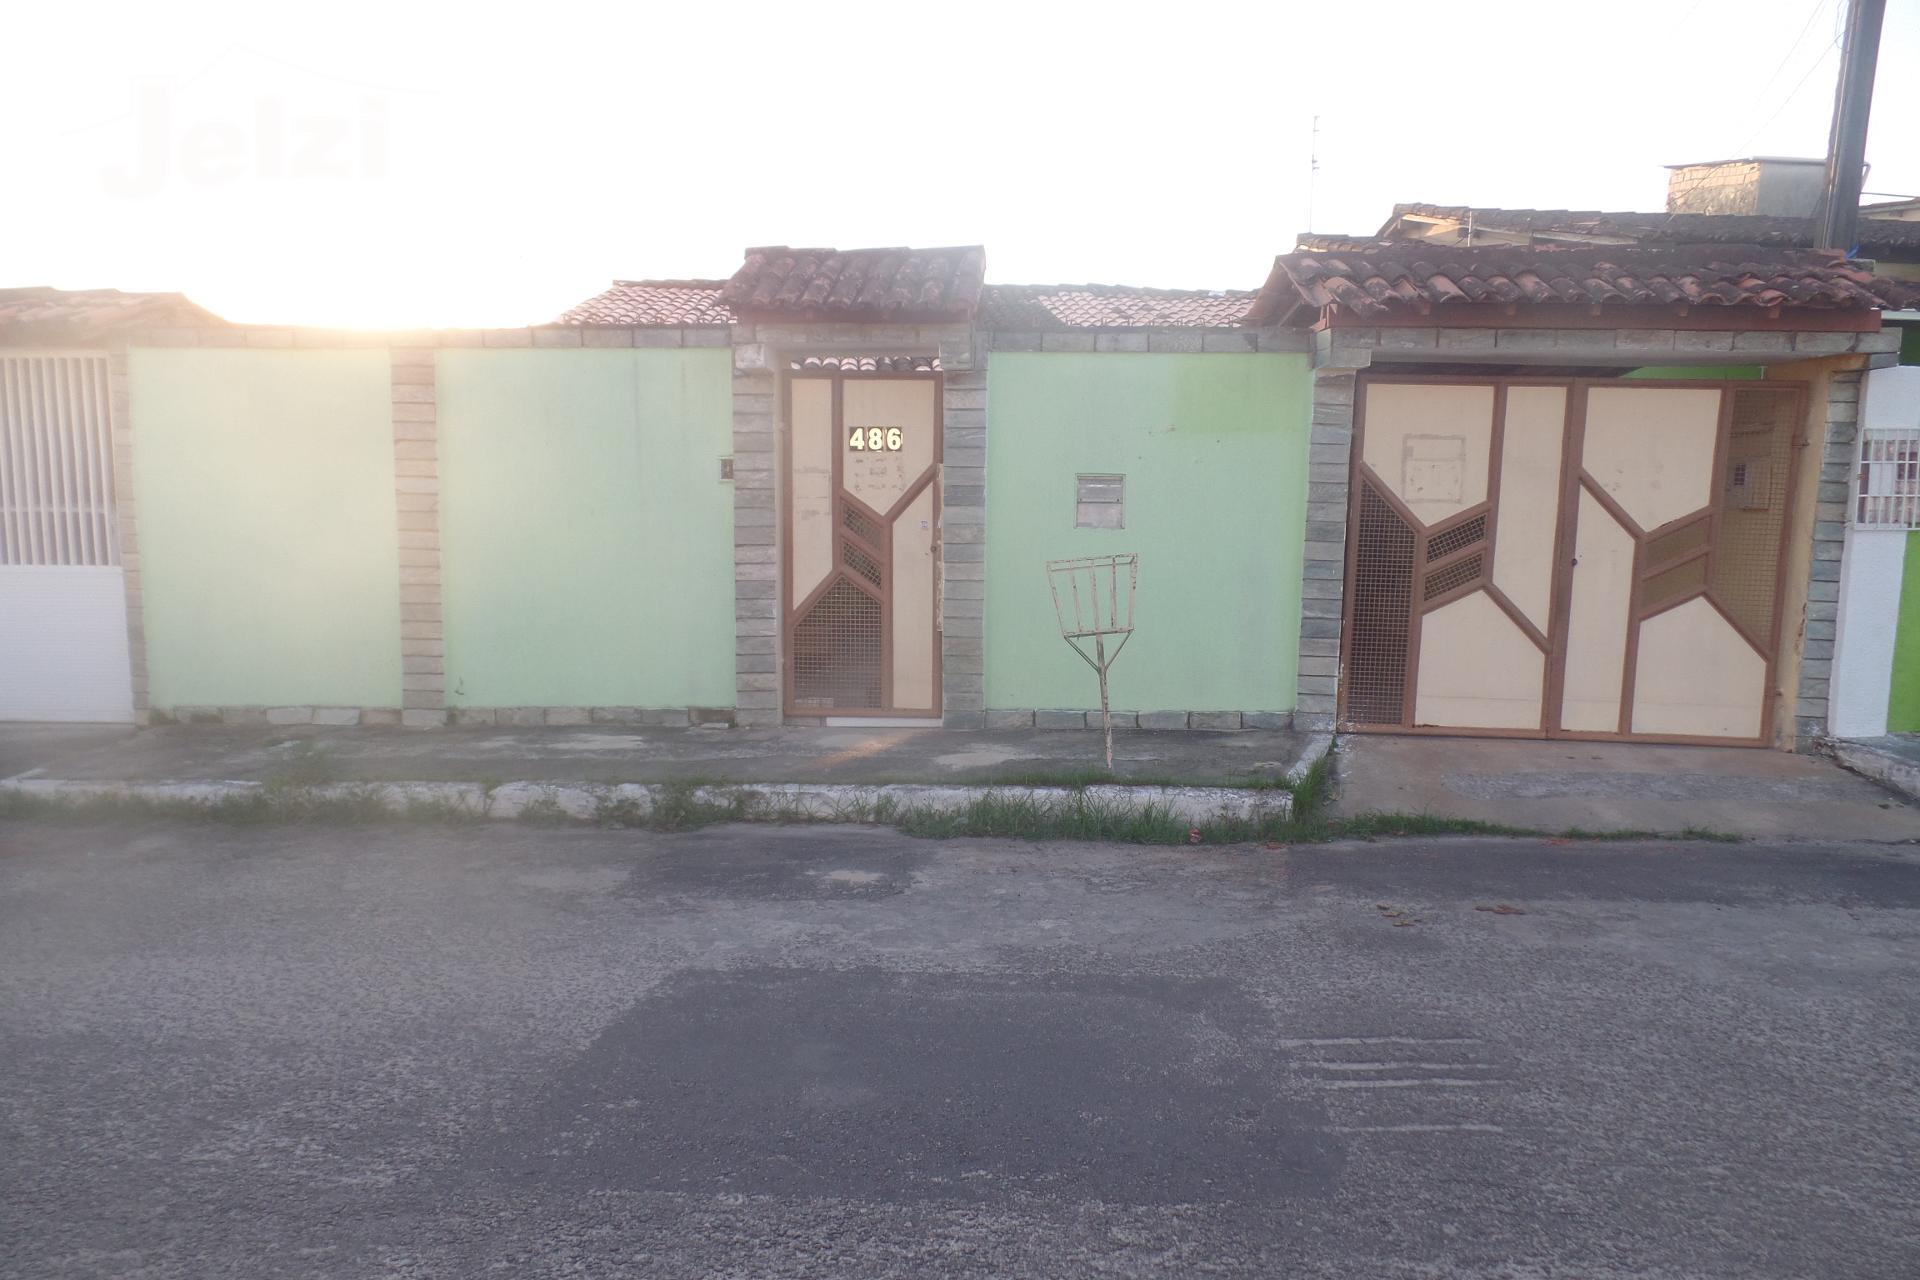 Casa com 3 dormitórios à venda, Alagoinhas Velha, ALAGOINHAS - BA